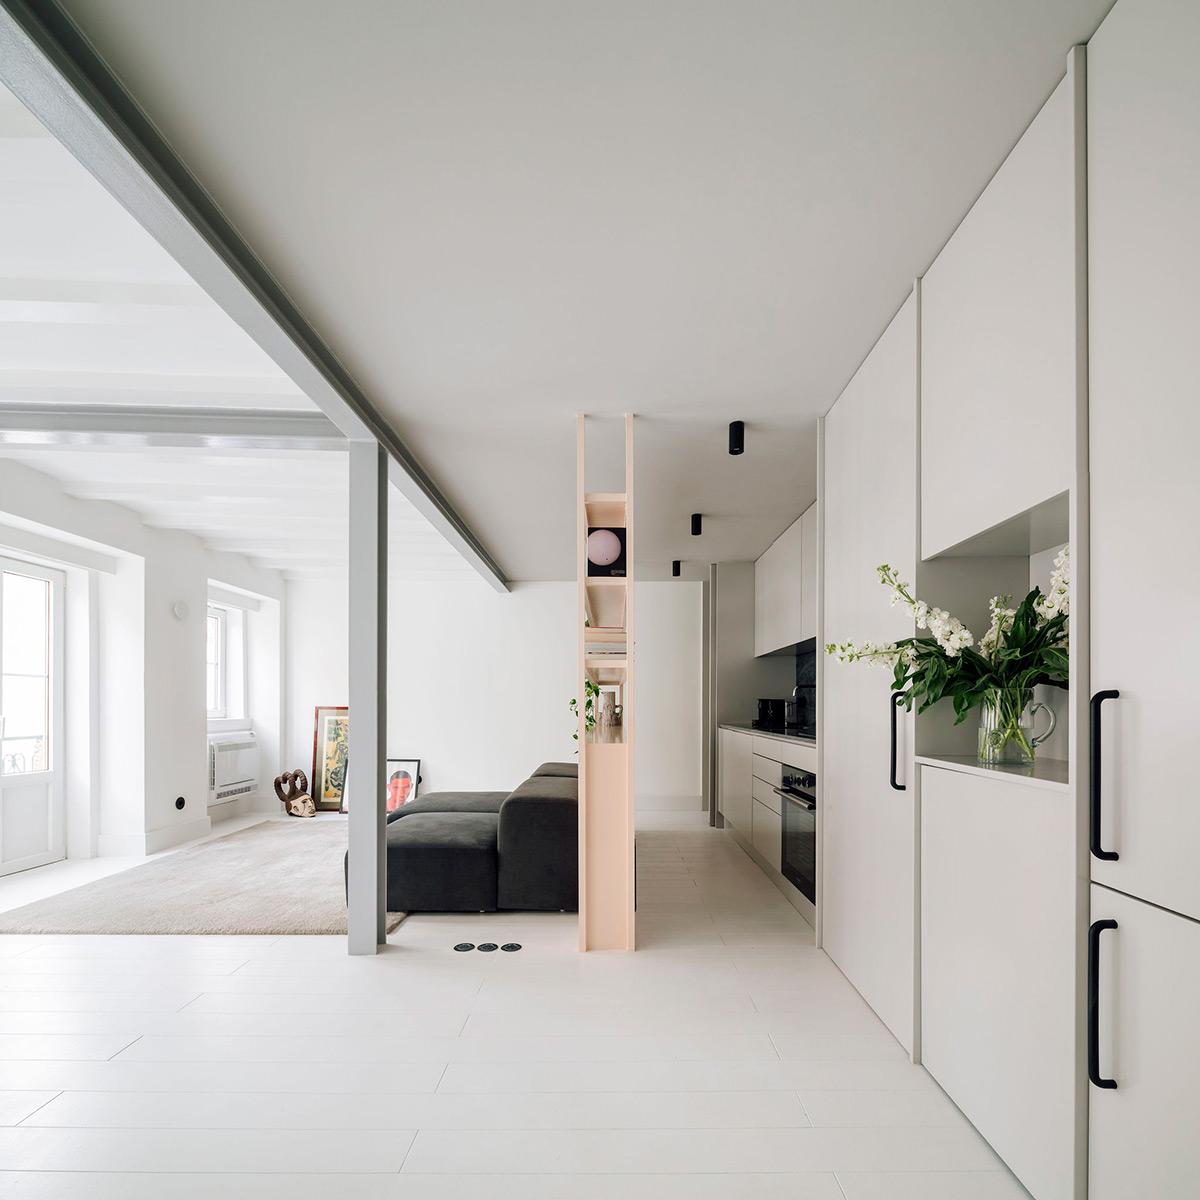 RGM-46-Duarte-Caldas-Architectural-Design-08